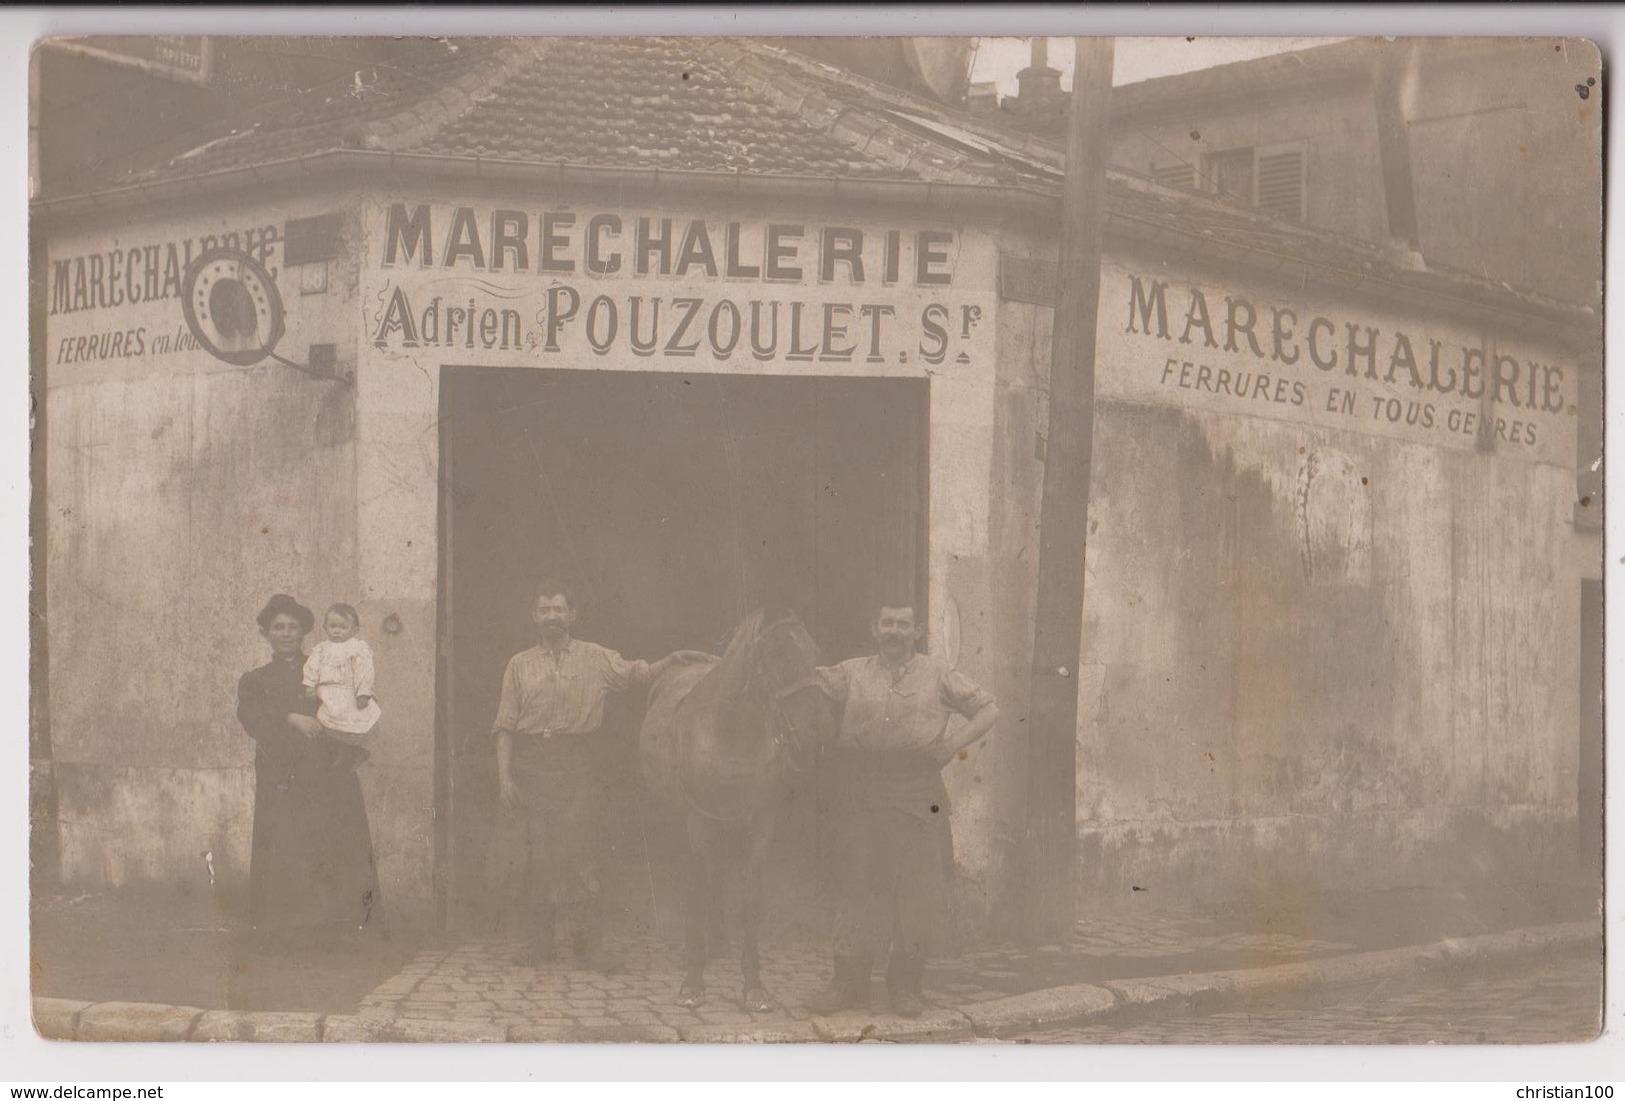 CARTE PHOTO : MARECHALERIE ADRIEN POUZOULET - MARECHAL FERRANT - FERRURES EN TOUT GENRE - CHEVAL -z 2 SCANS Z- - A Identifier